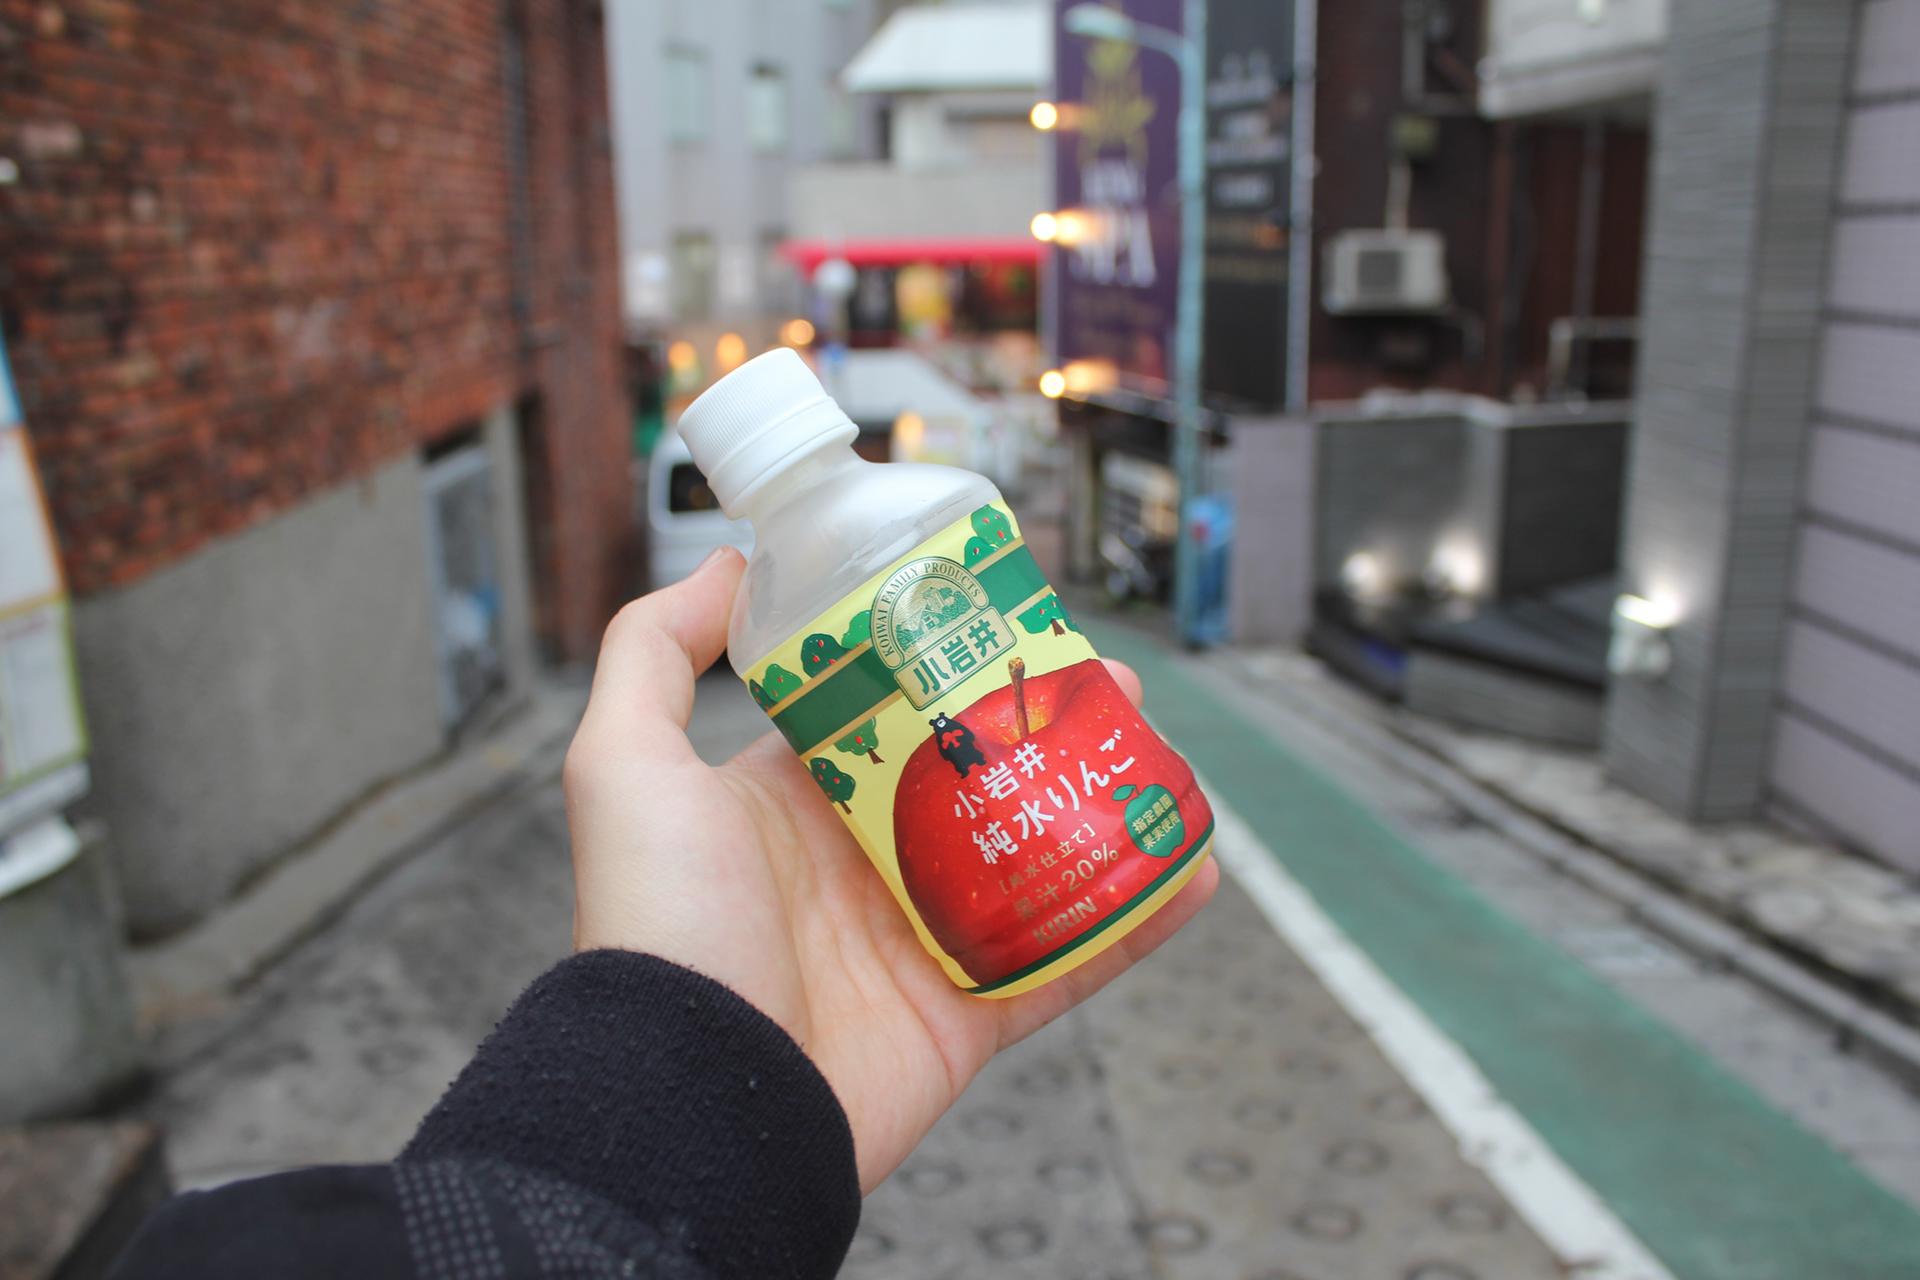 Luan Banzai | Artist & Filmmaker - Tokyo Vending